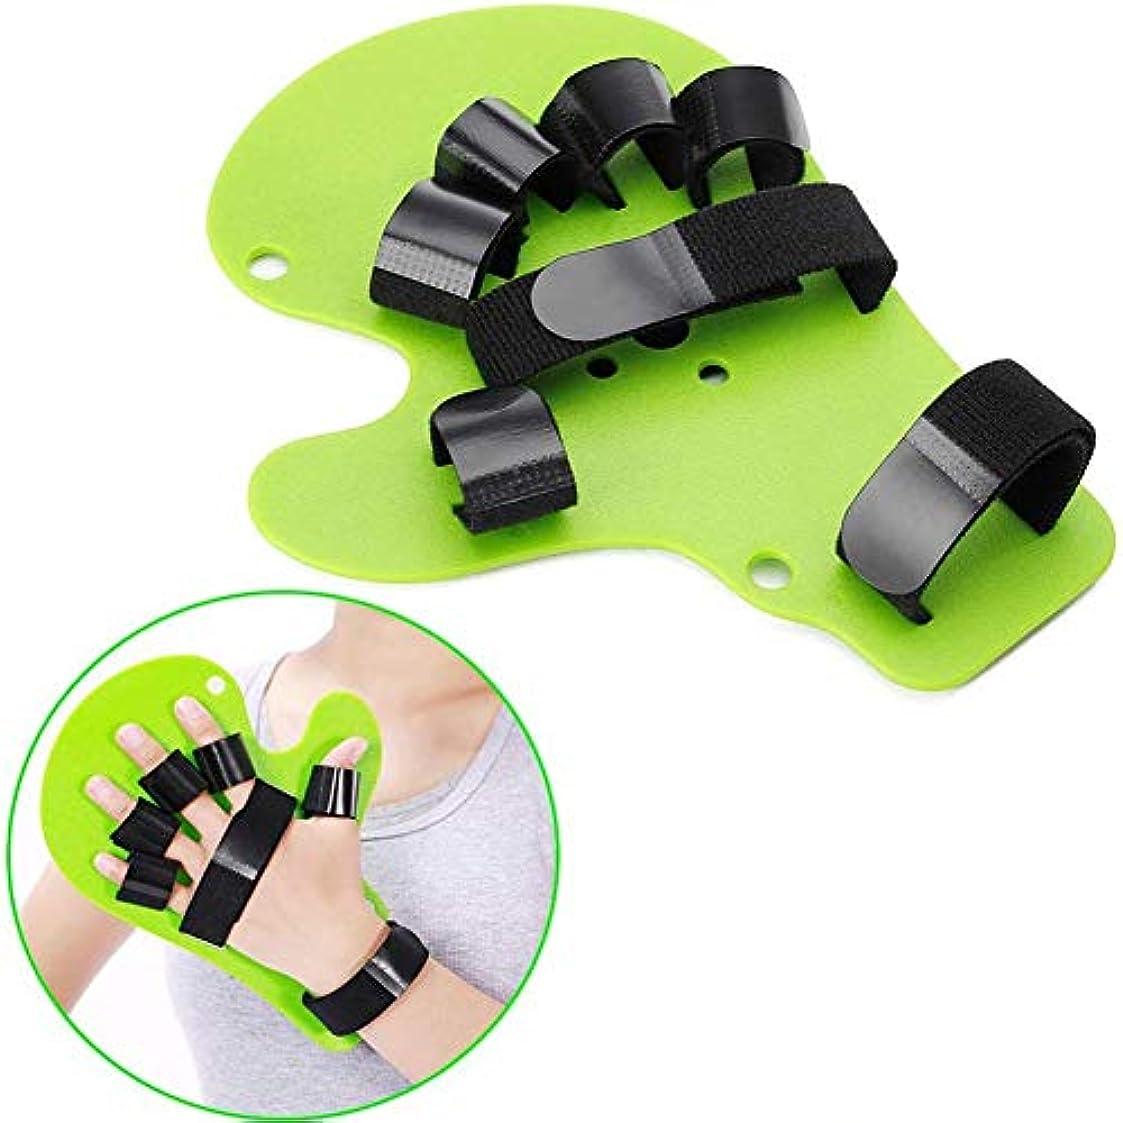 ポータープレート透明にフィンガースプリントフィンガーボードフィンガーセパレーター,セパレータ、指の指セパレーターインソールフィンガー、関節炎、腱炎、手術、脱臼、捻挫、繰り返しの使用にも役立ちます(フィット右または左の手)